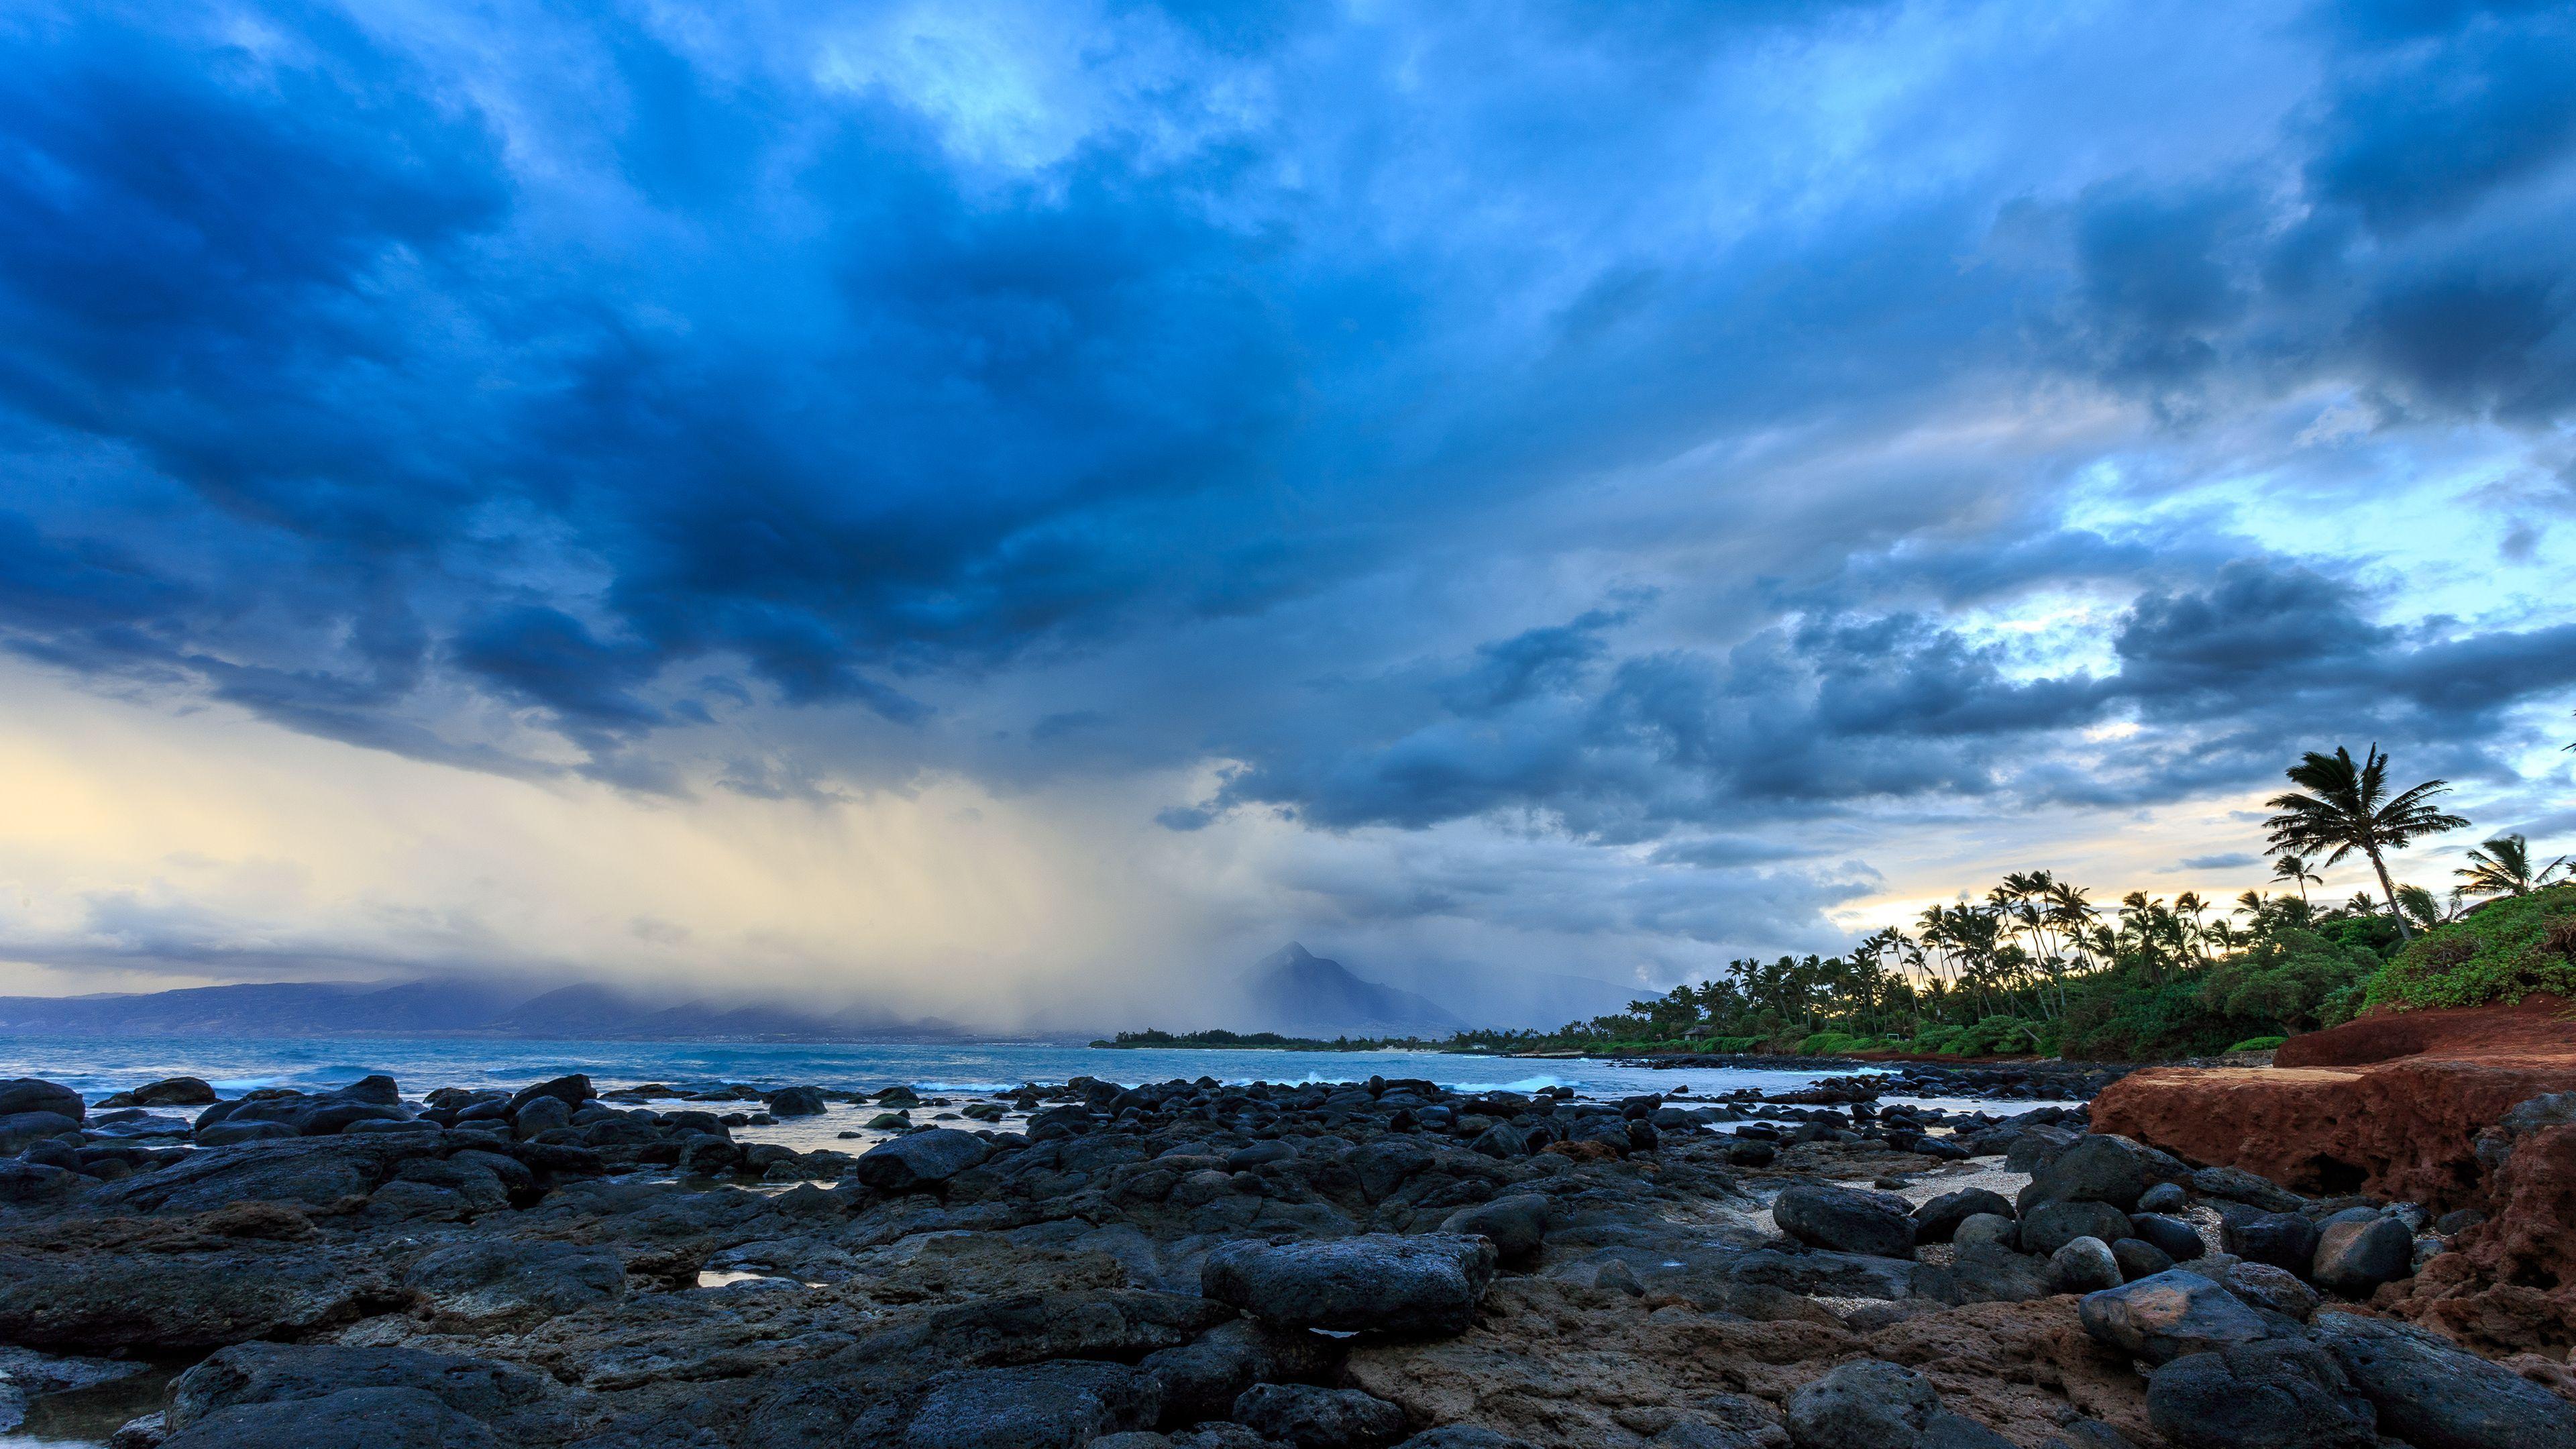 Surf Wallpaper Iphone X Blue Clouds Over Tropical Beach 4k Ultra Hd Wallpaper